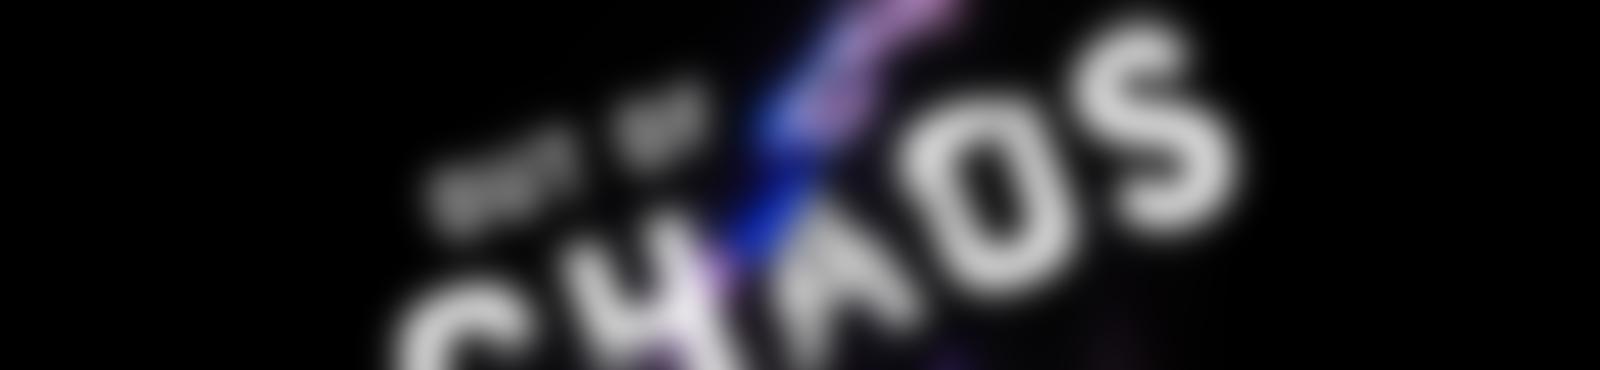 Blurred fd78185a 44a7 44c4 9aec 70f99a1e7a3f